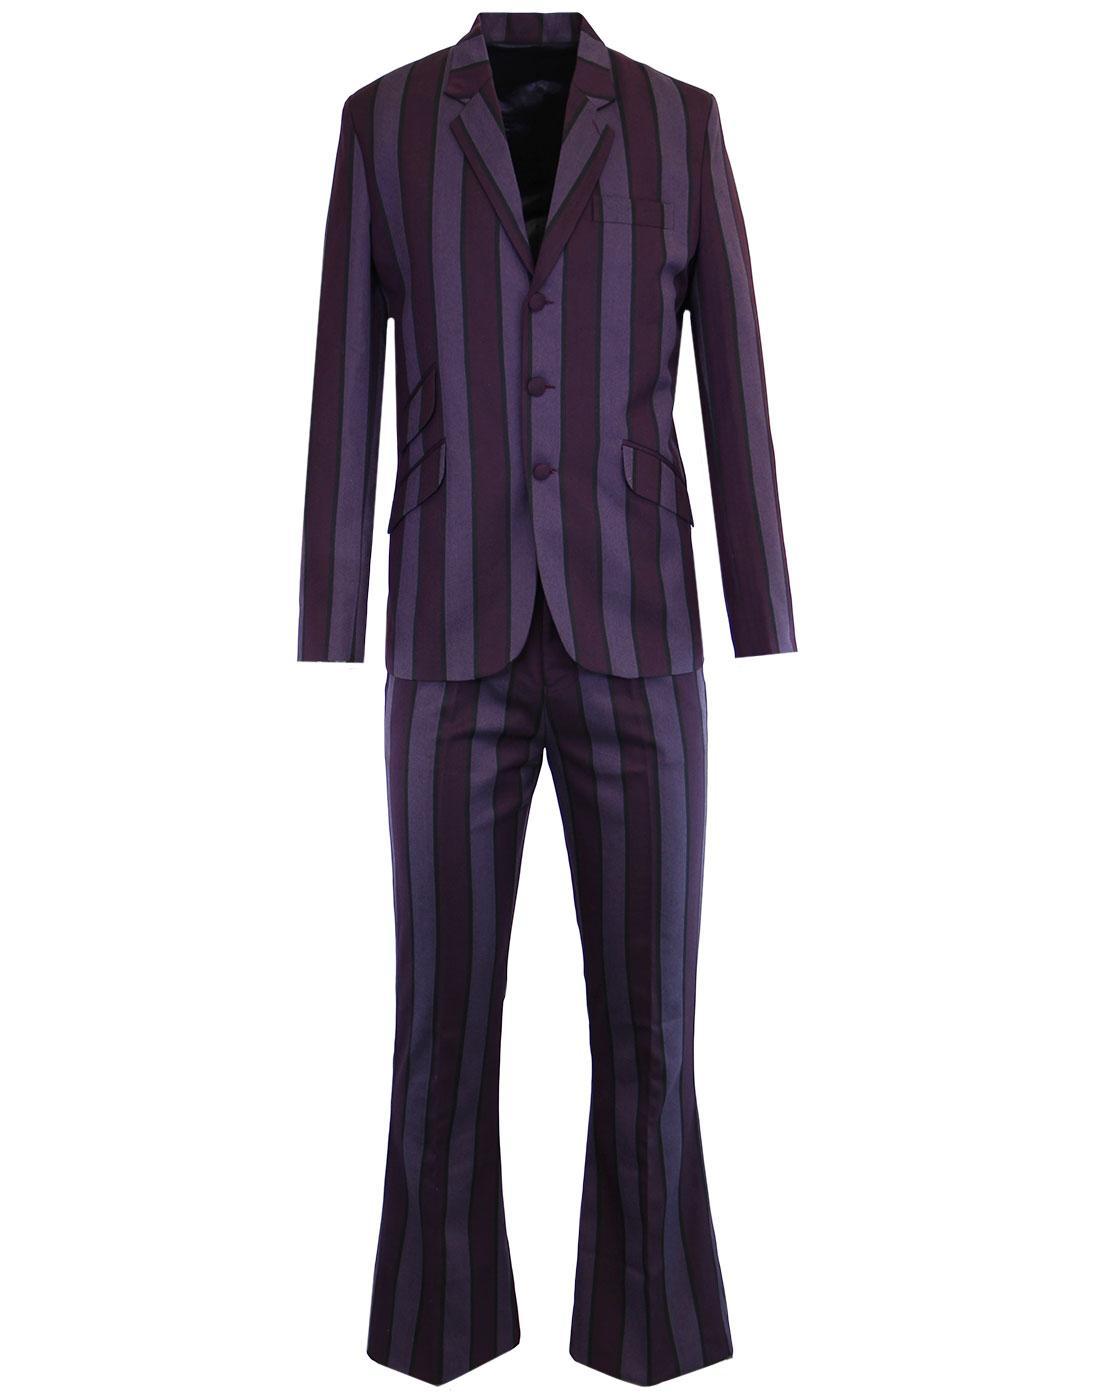 MADCAP ENGLAND Offbeat Mod 60s Flare Suit - Purple